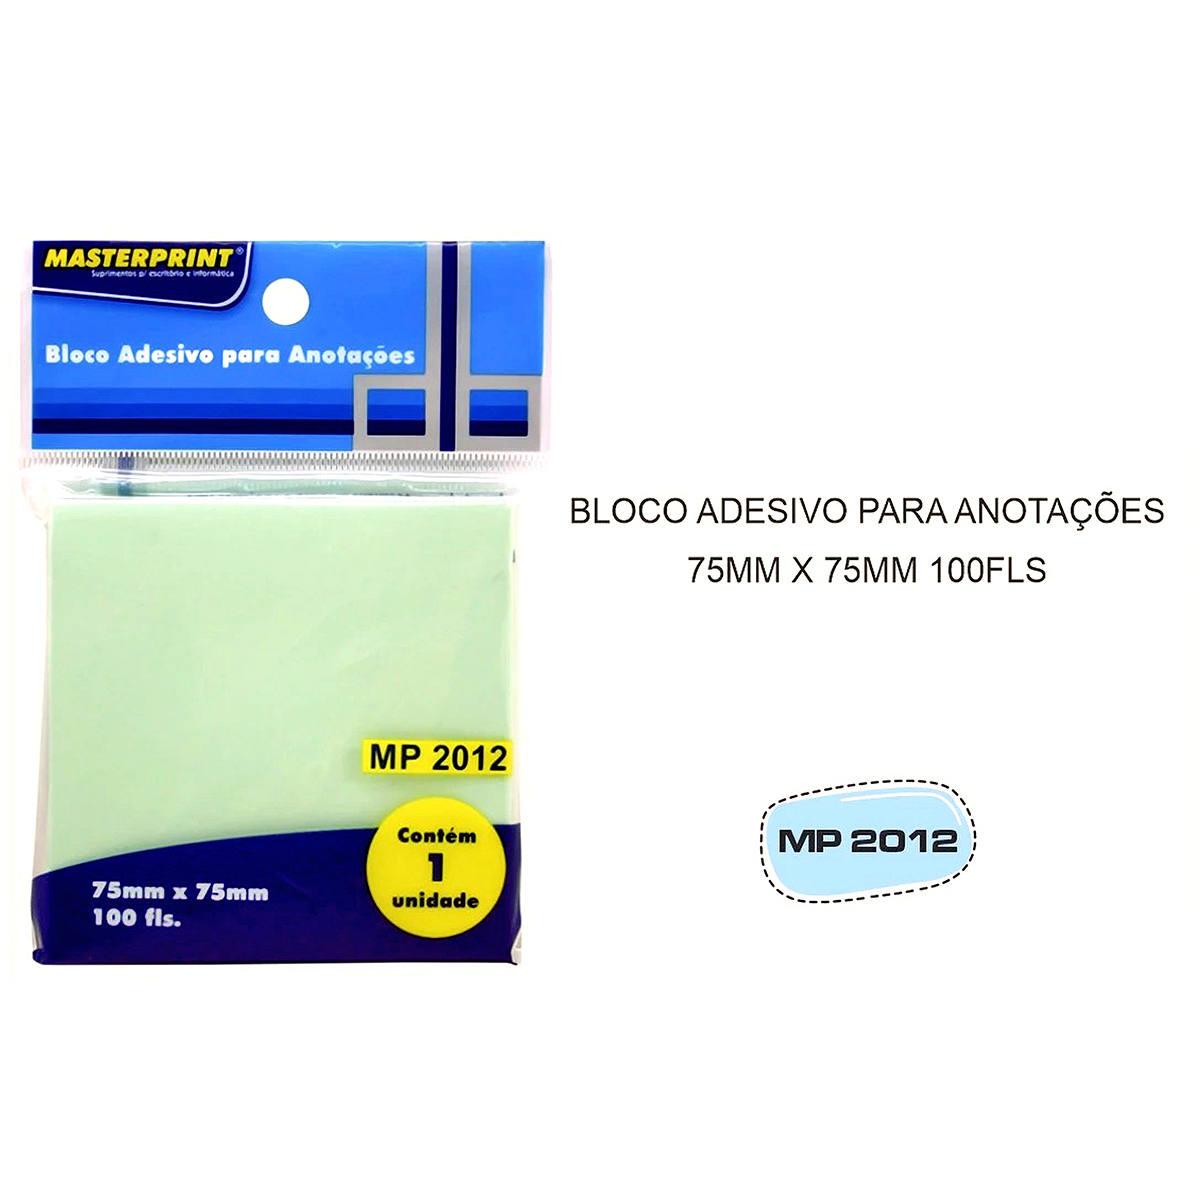 Bloco Adesivo para Anotações Verde 75x75mm com 100 Folhas Masterprint MP2012